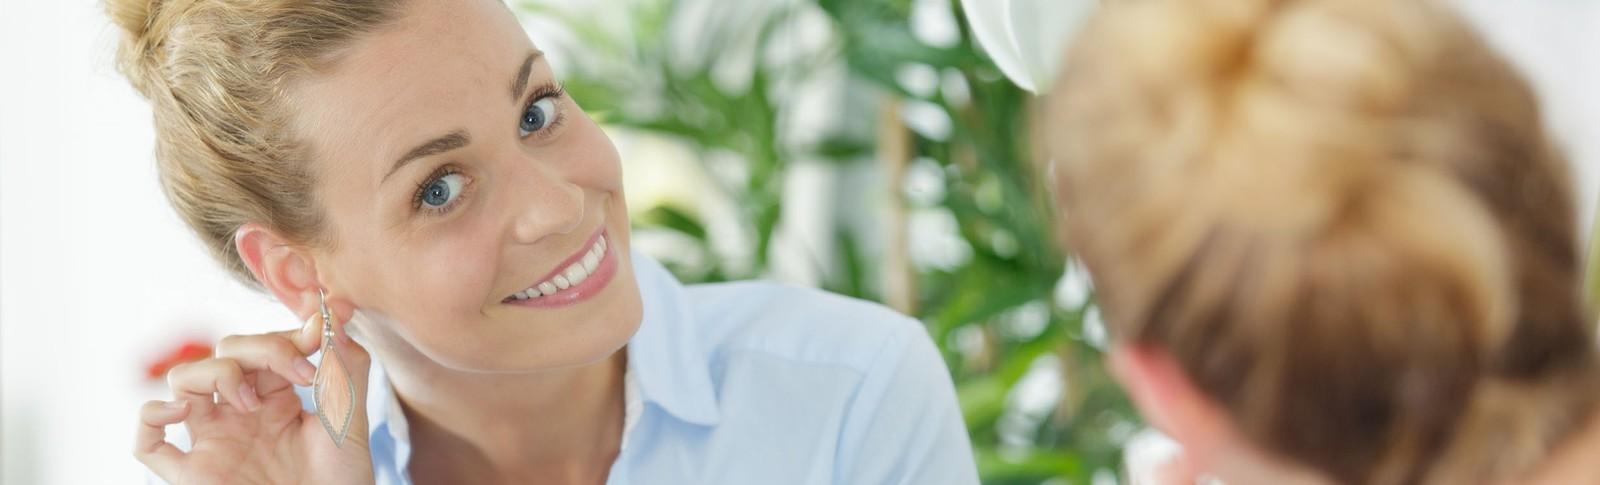 Frau trägt nach der Ohrläppchenverkleinerung in den Moser Kliniken wieder gerne Ohrringe